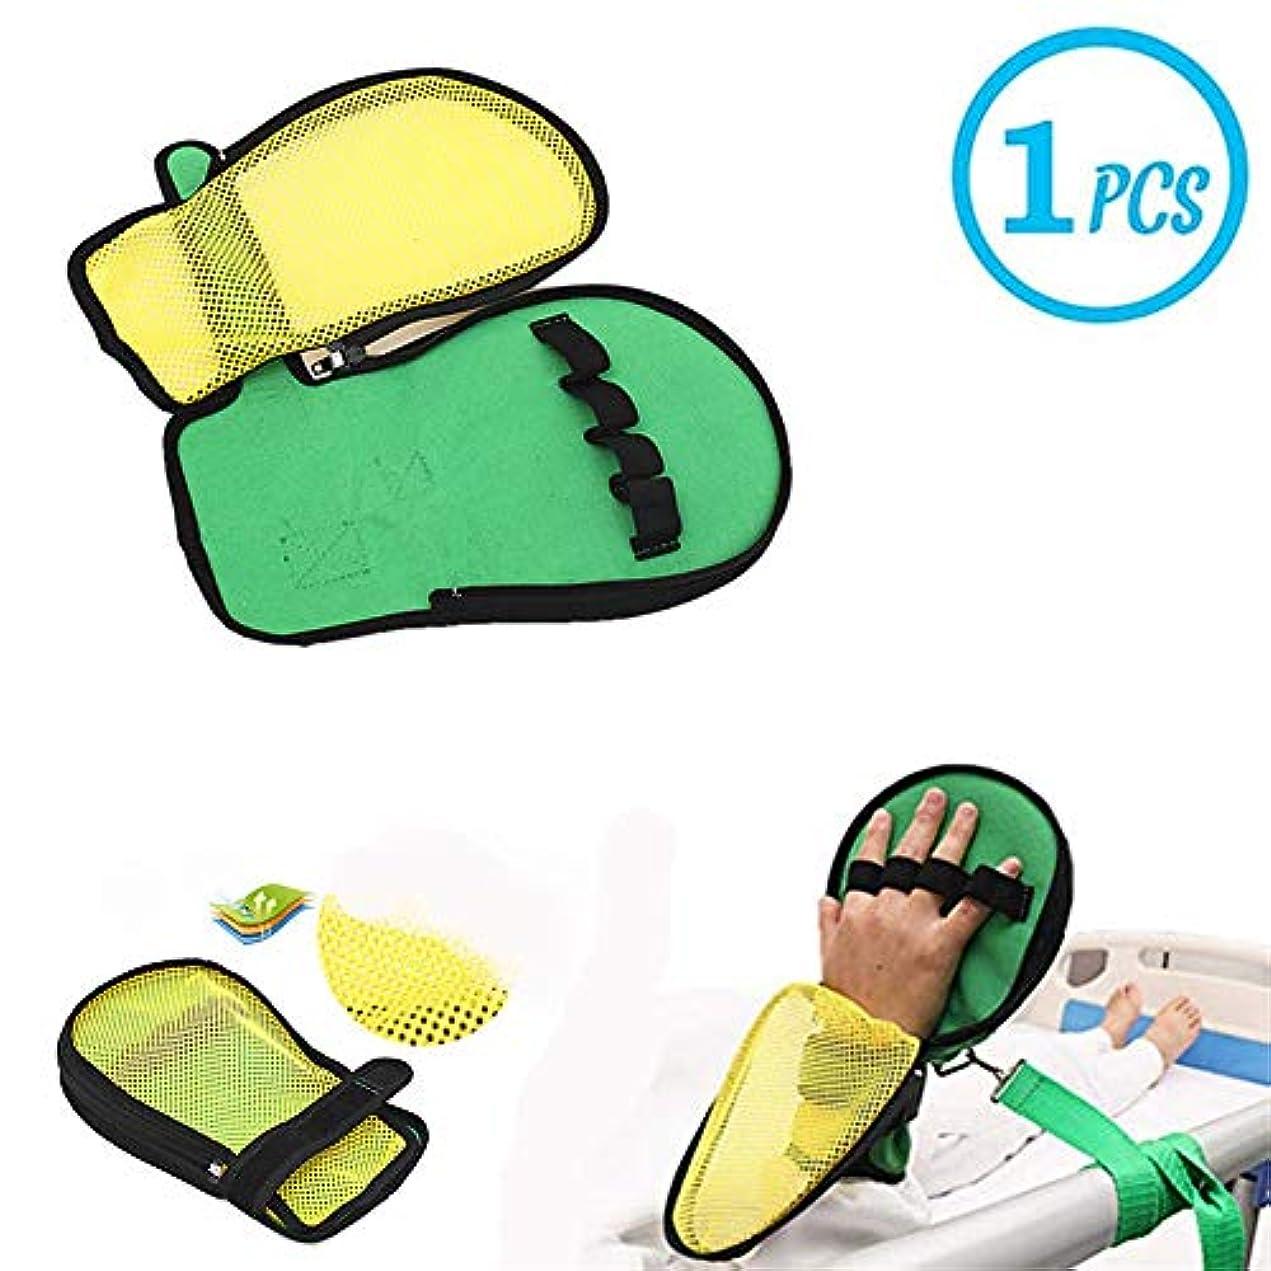 蓋非アクティブ胚芽指の損傷、ユニバーサルサイズ、片面イエローグリーンサイドを防ぐために、フィンガーコントロール手袋、ハンドパッド